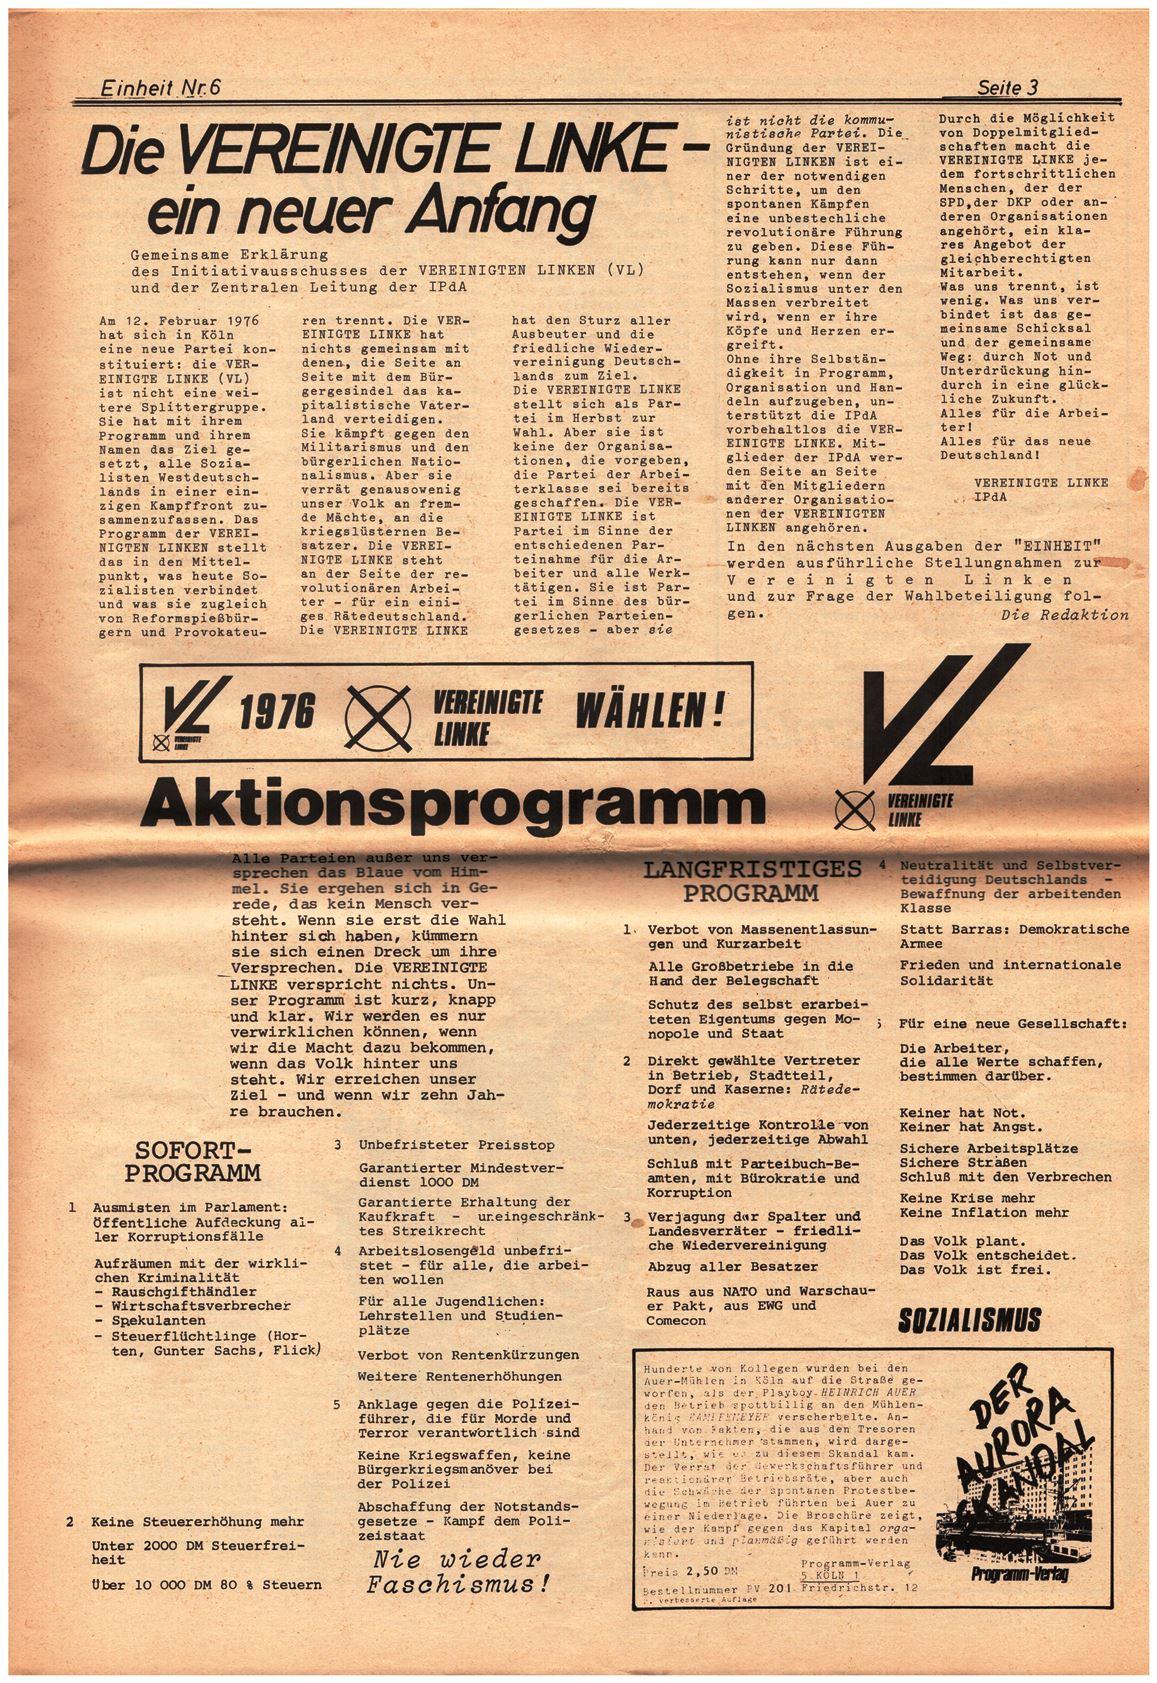 Koeln_IPdA_Einheit_1976_006_003